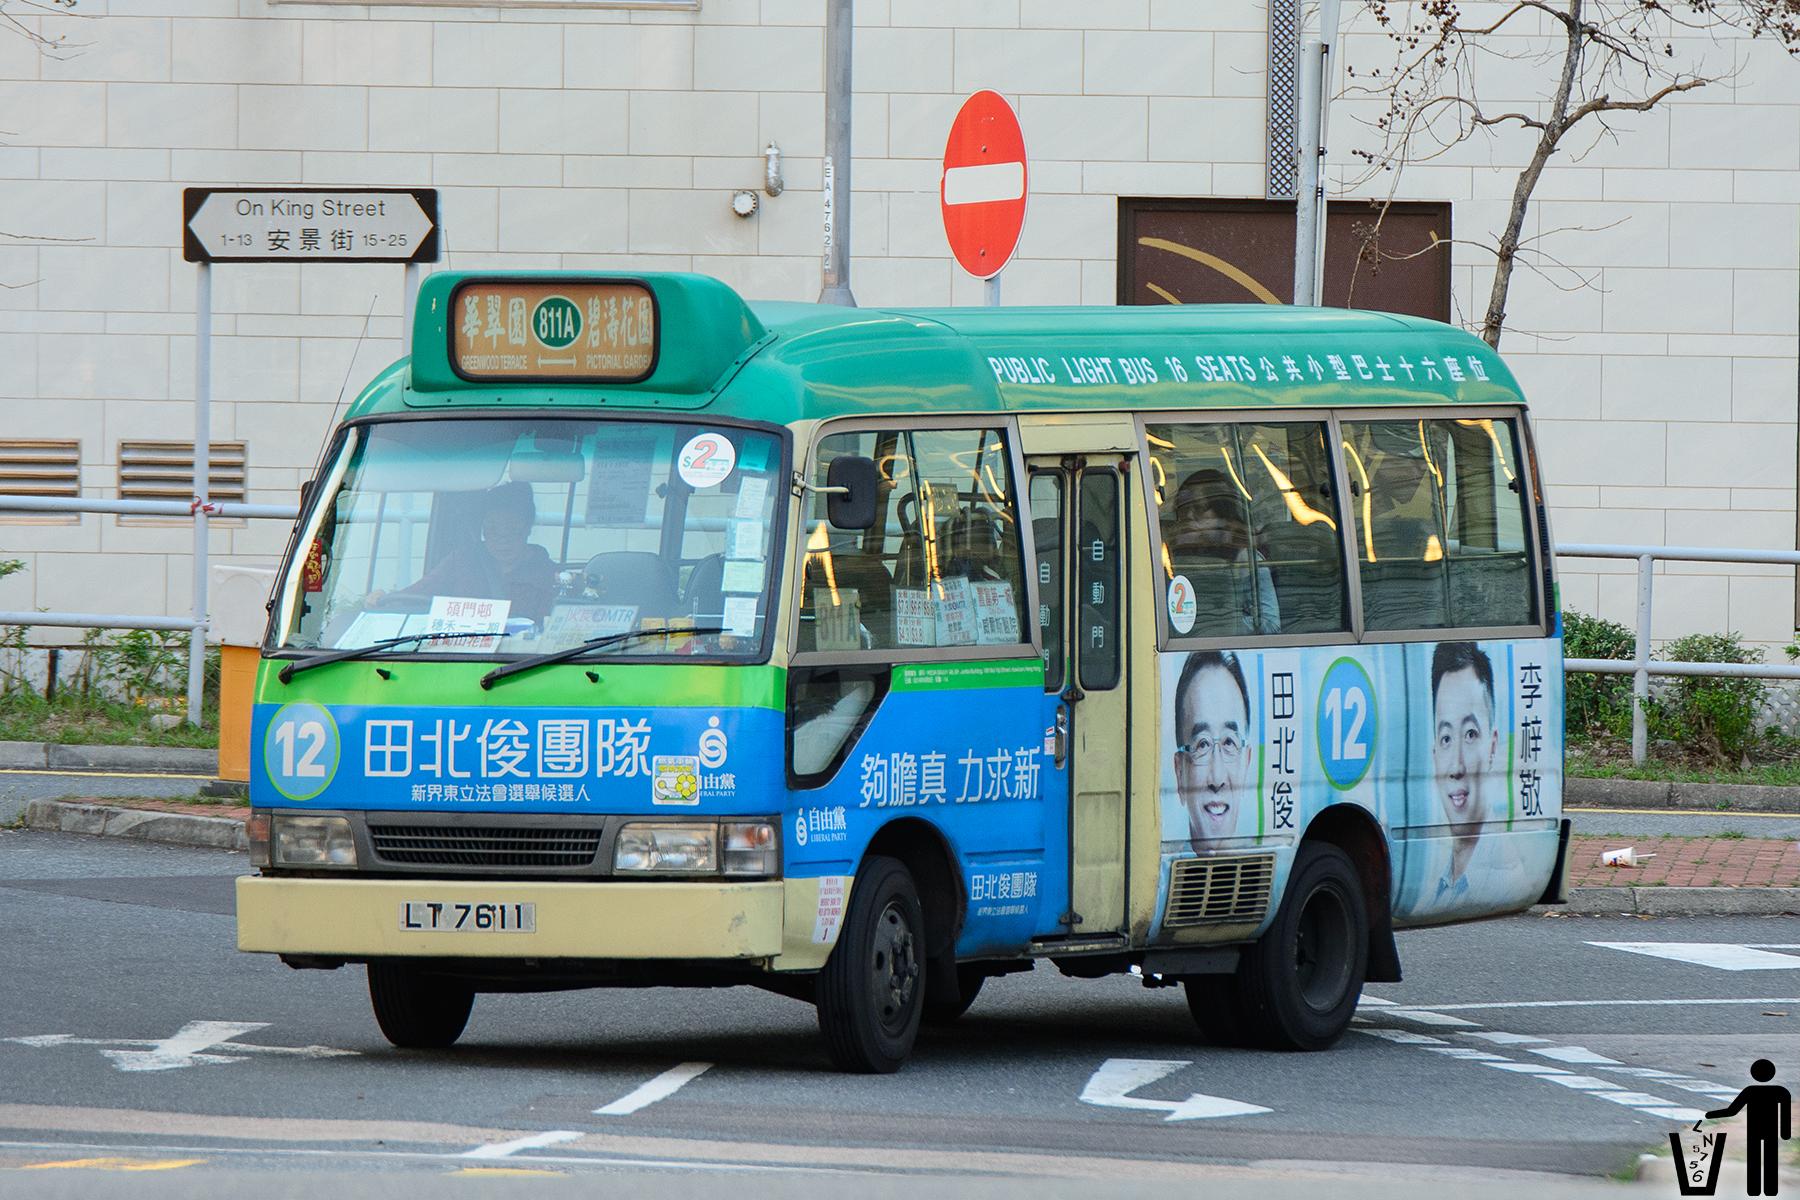 新界專綫小巴811A線